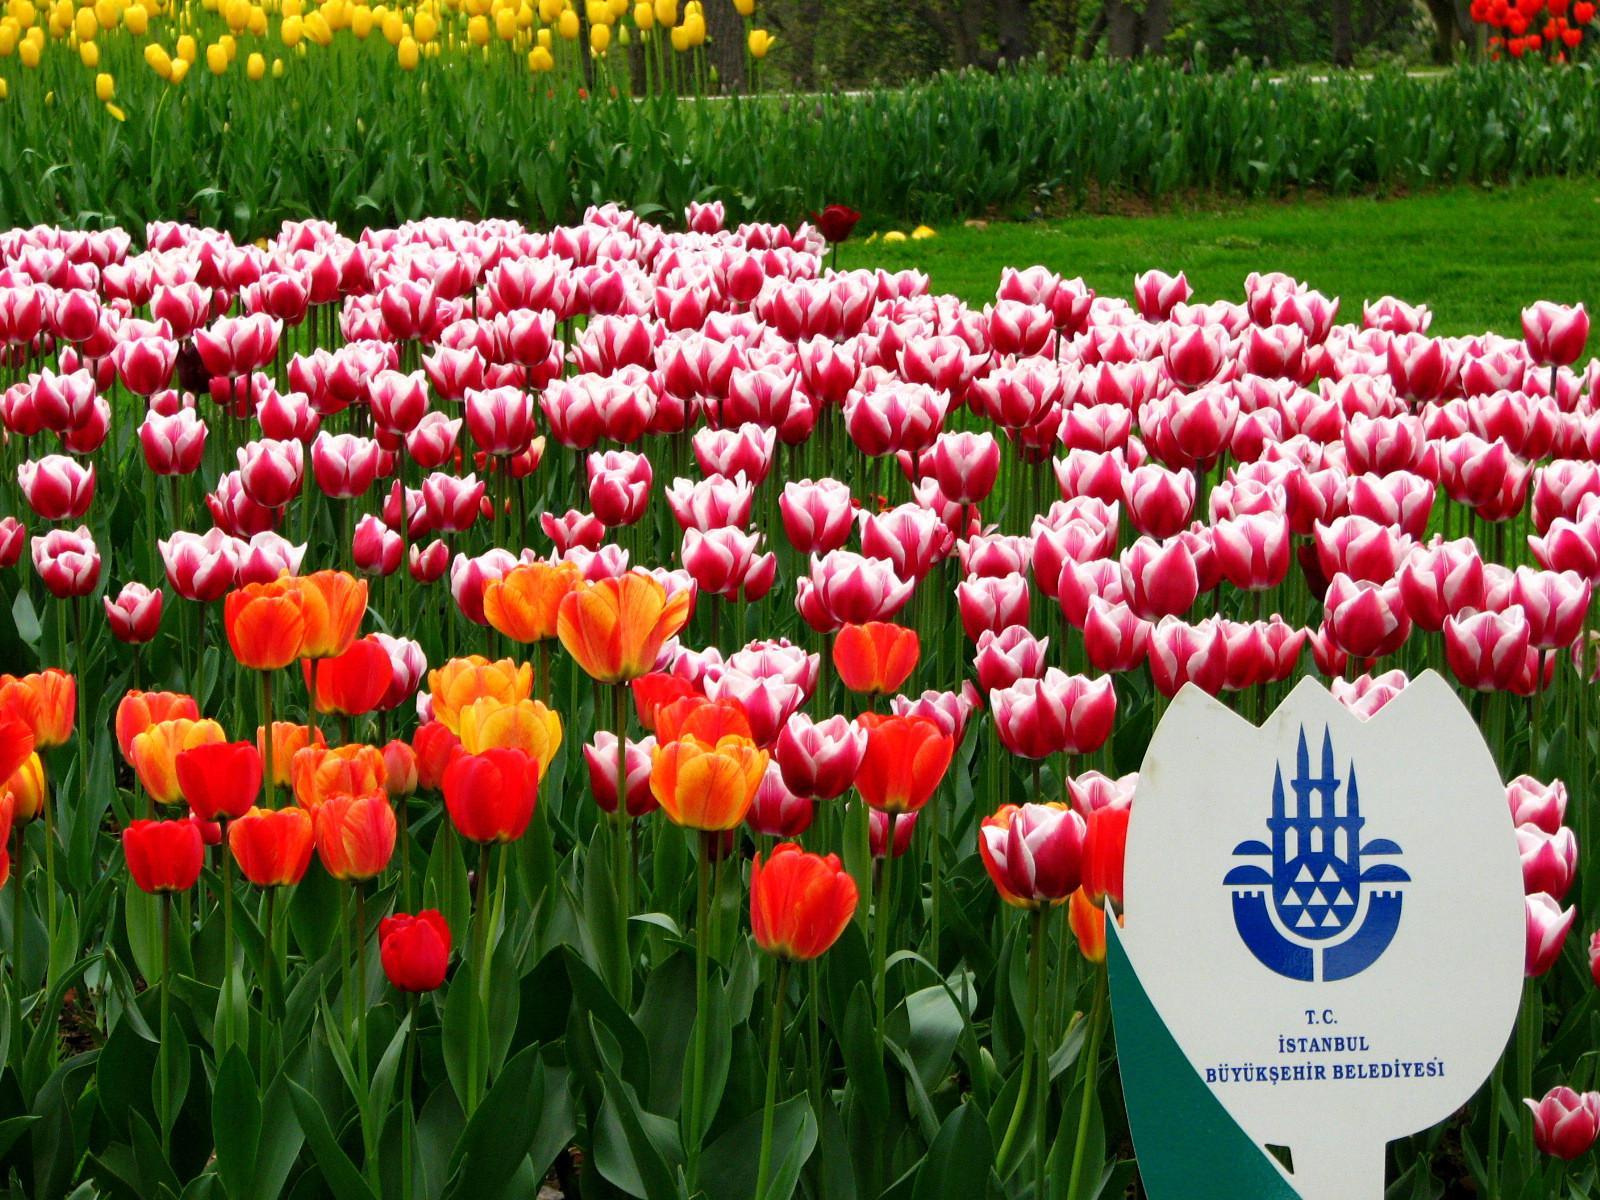 اسطنبول الطقس في الربيع وأفضل وقت لزيارة مهرجان اسطنبول توليب